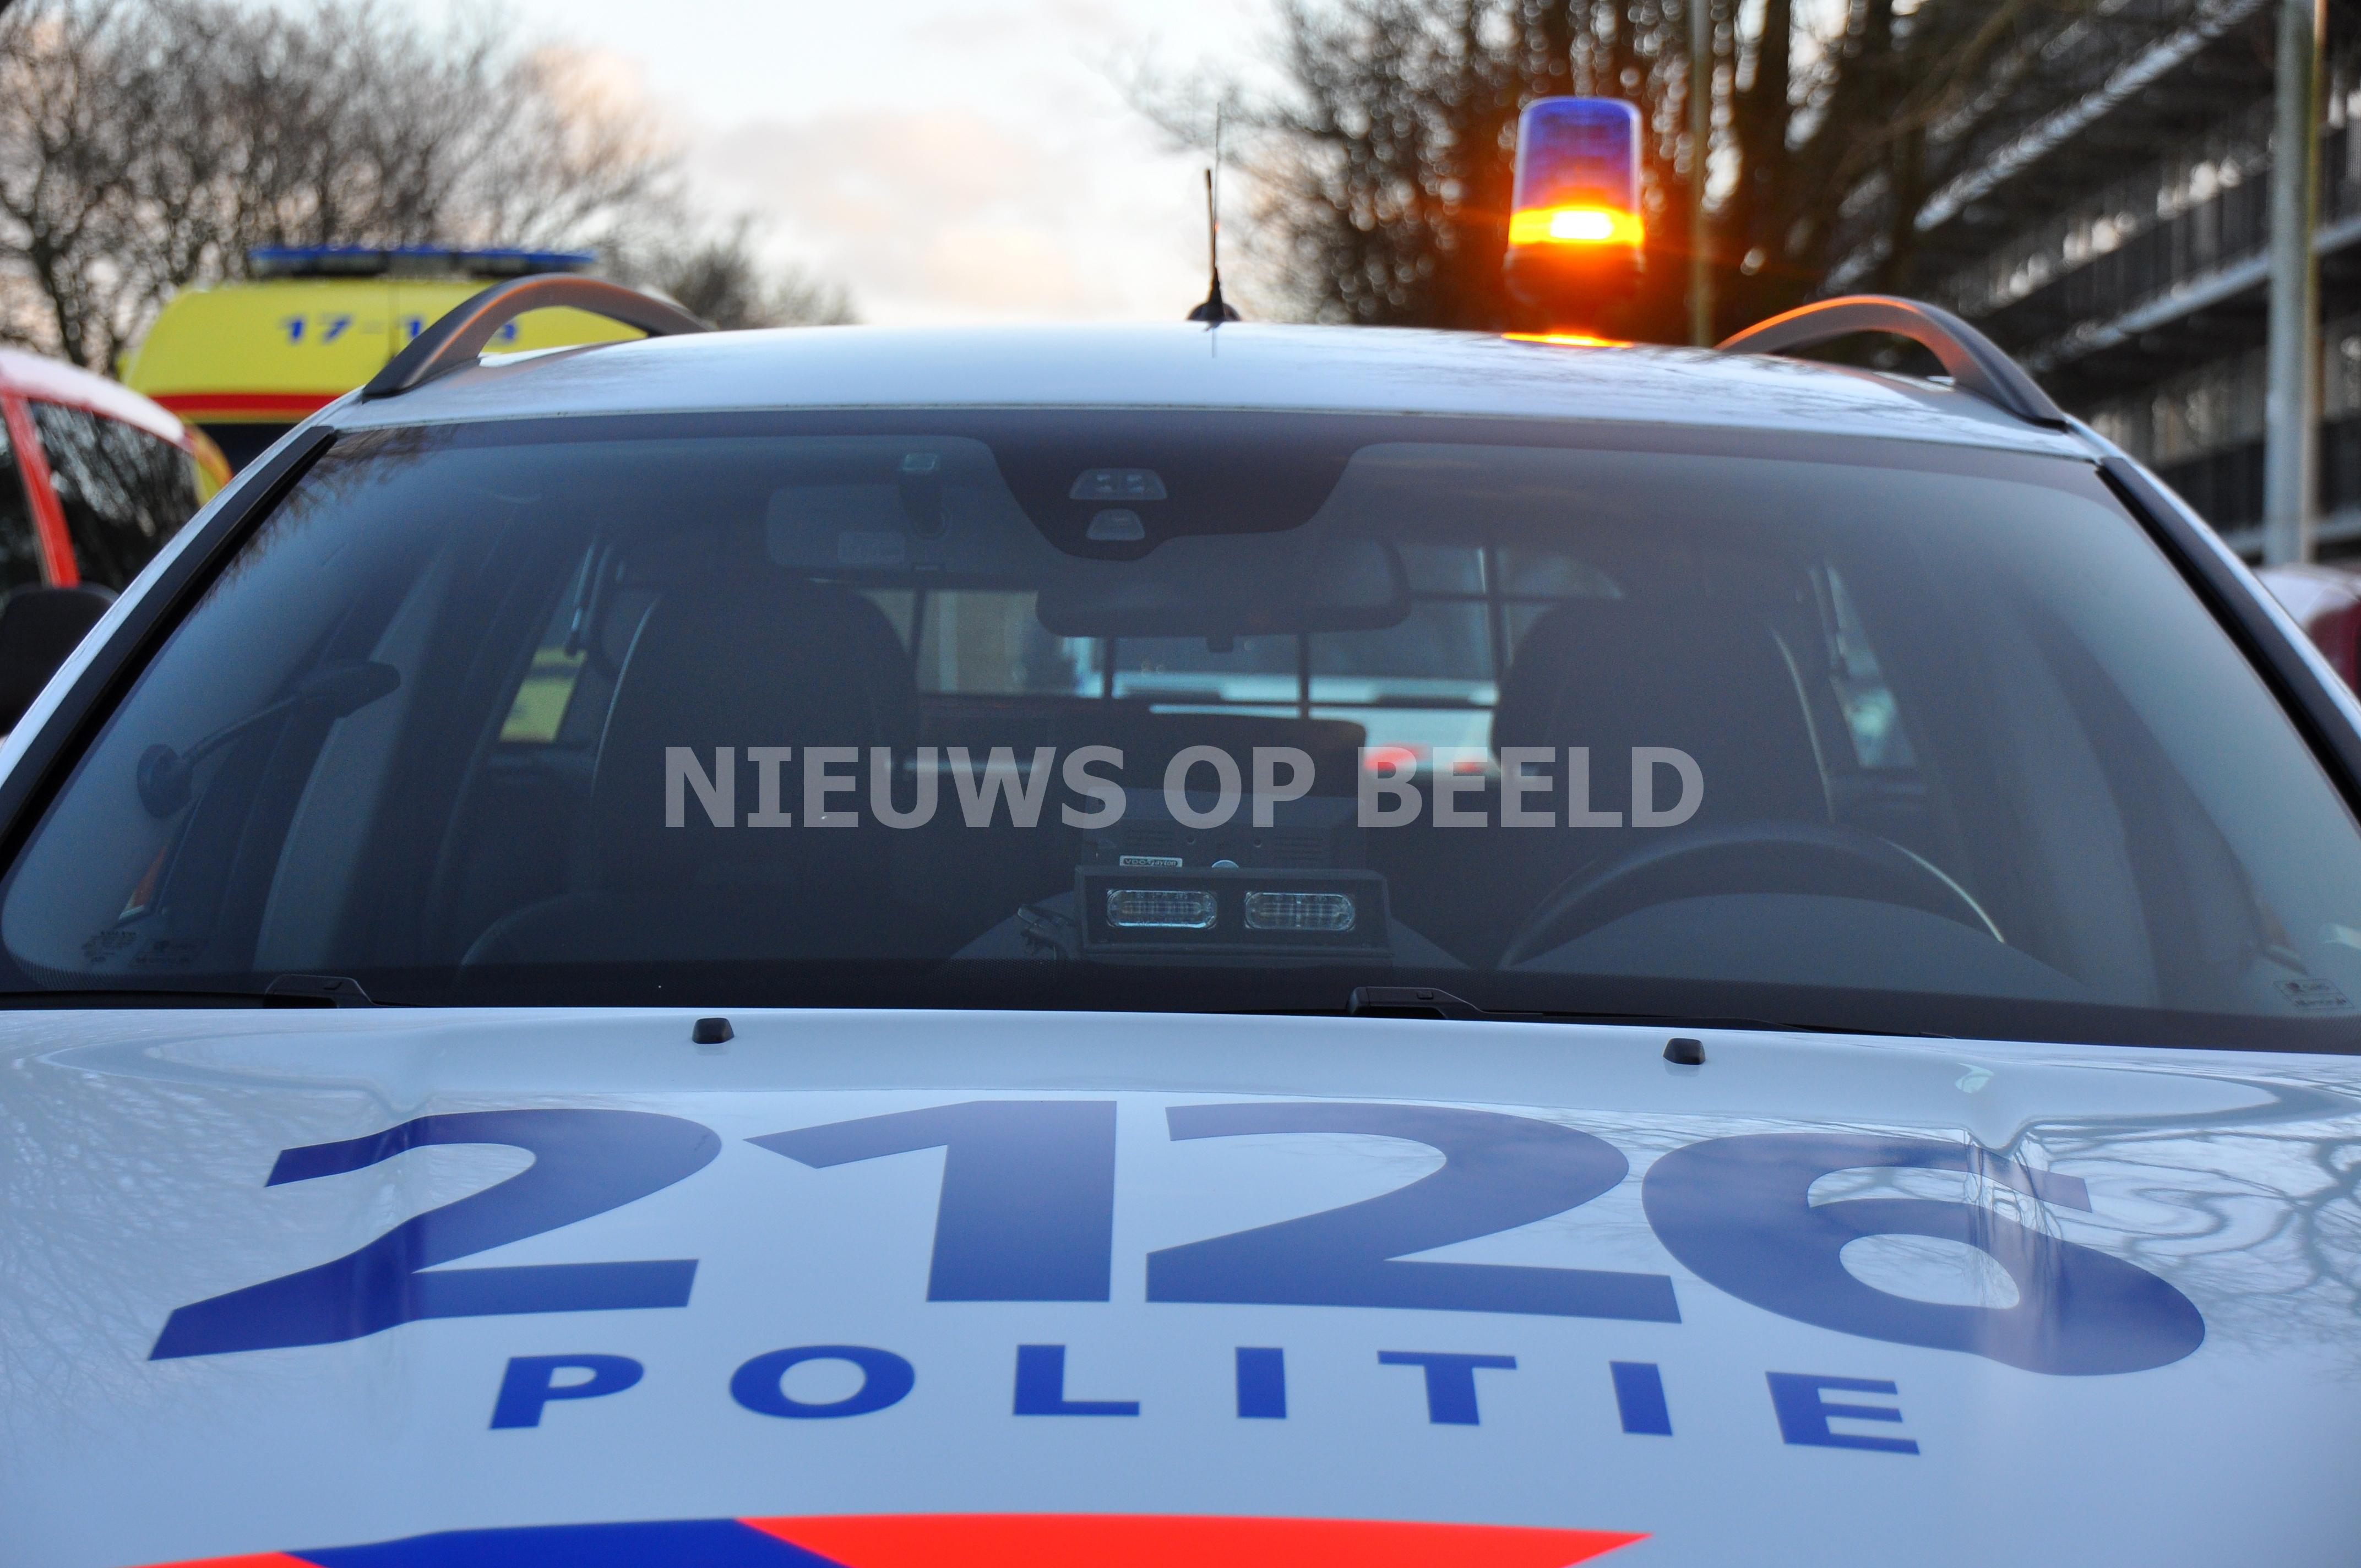 Twee aanhoudingen na aantreffen van vier kilo cocaïne in Rotterdamse taxi bij Belgische grensovergang